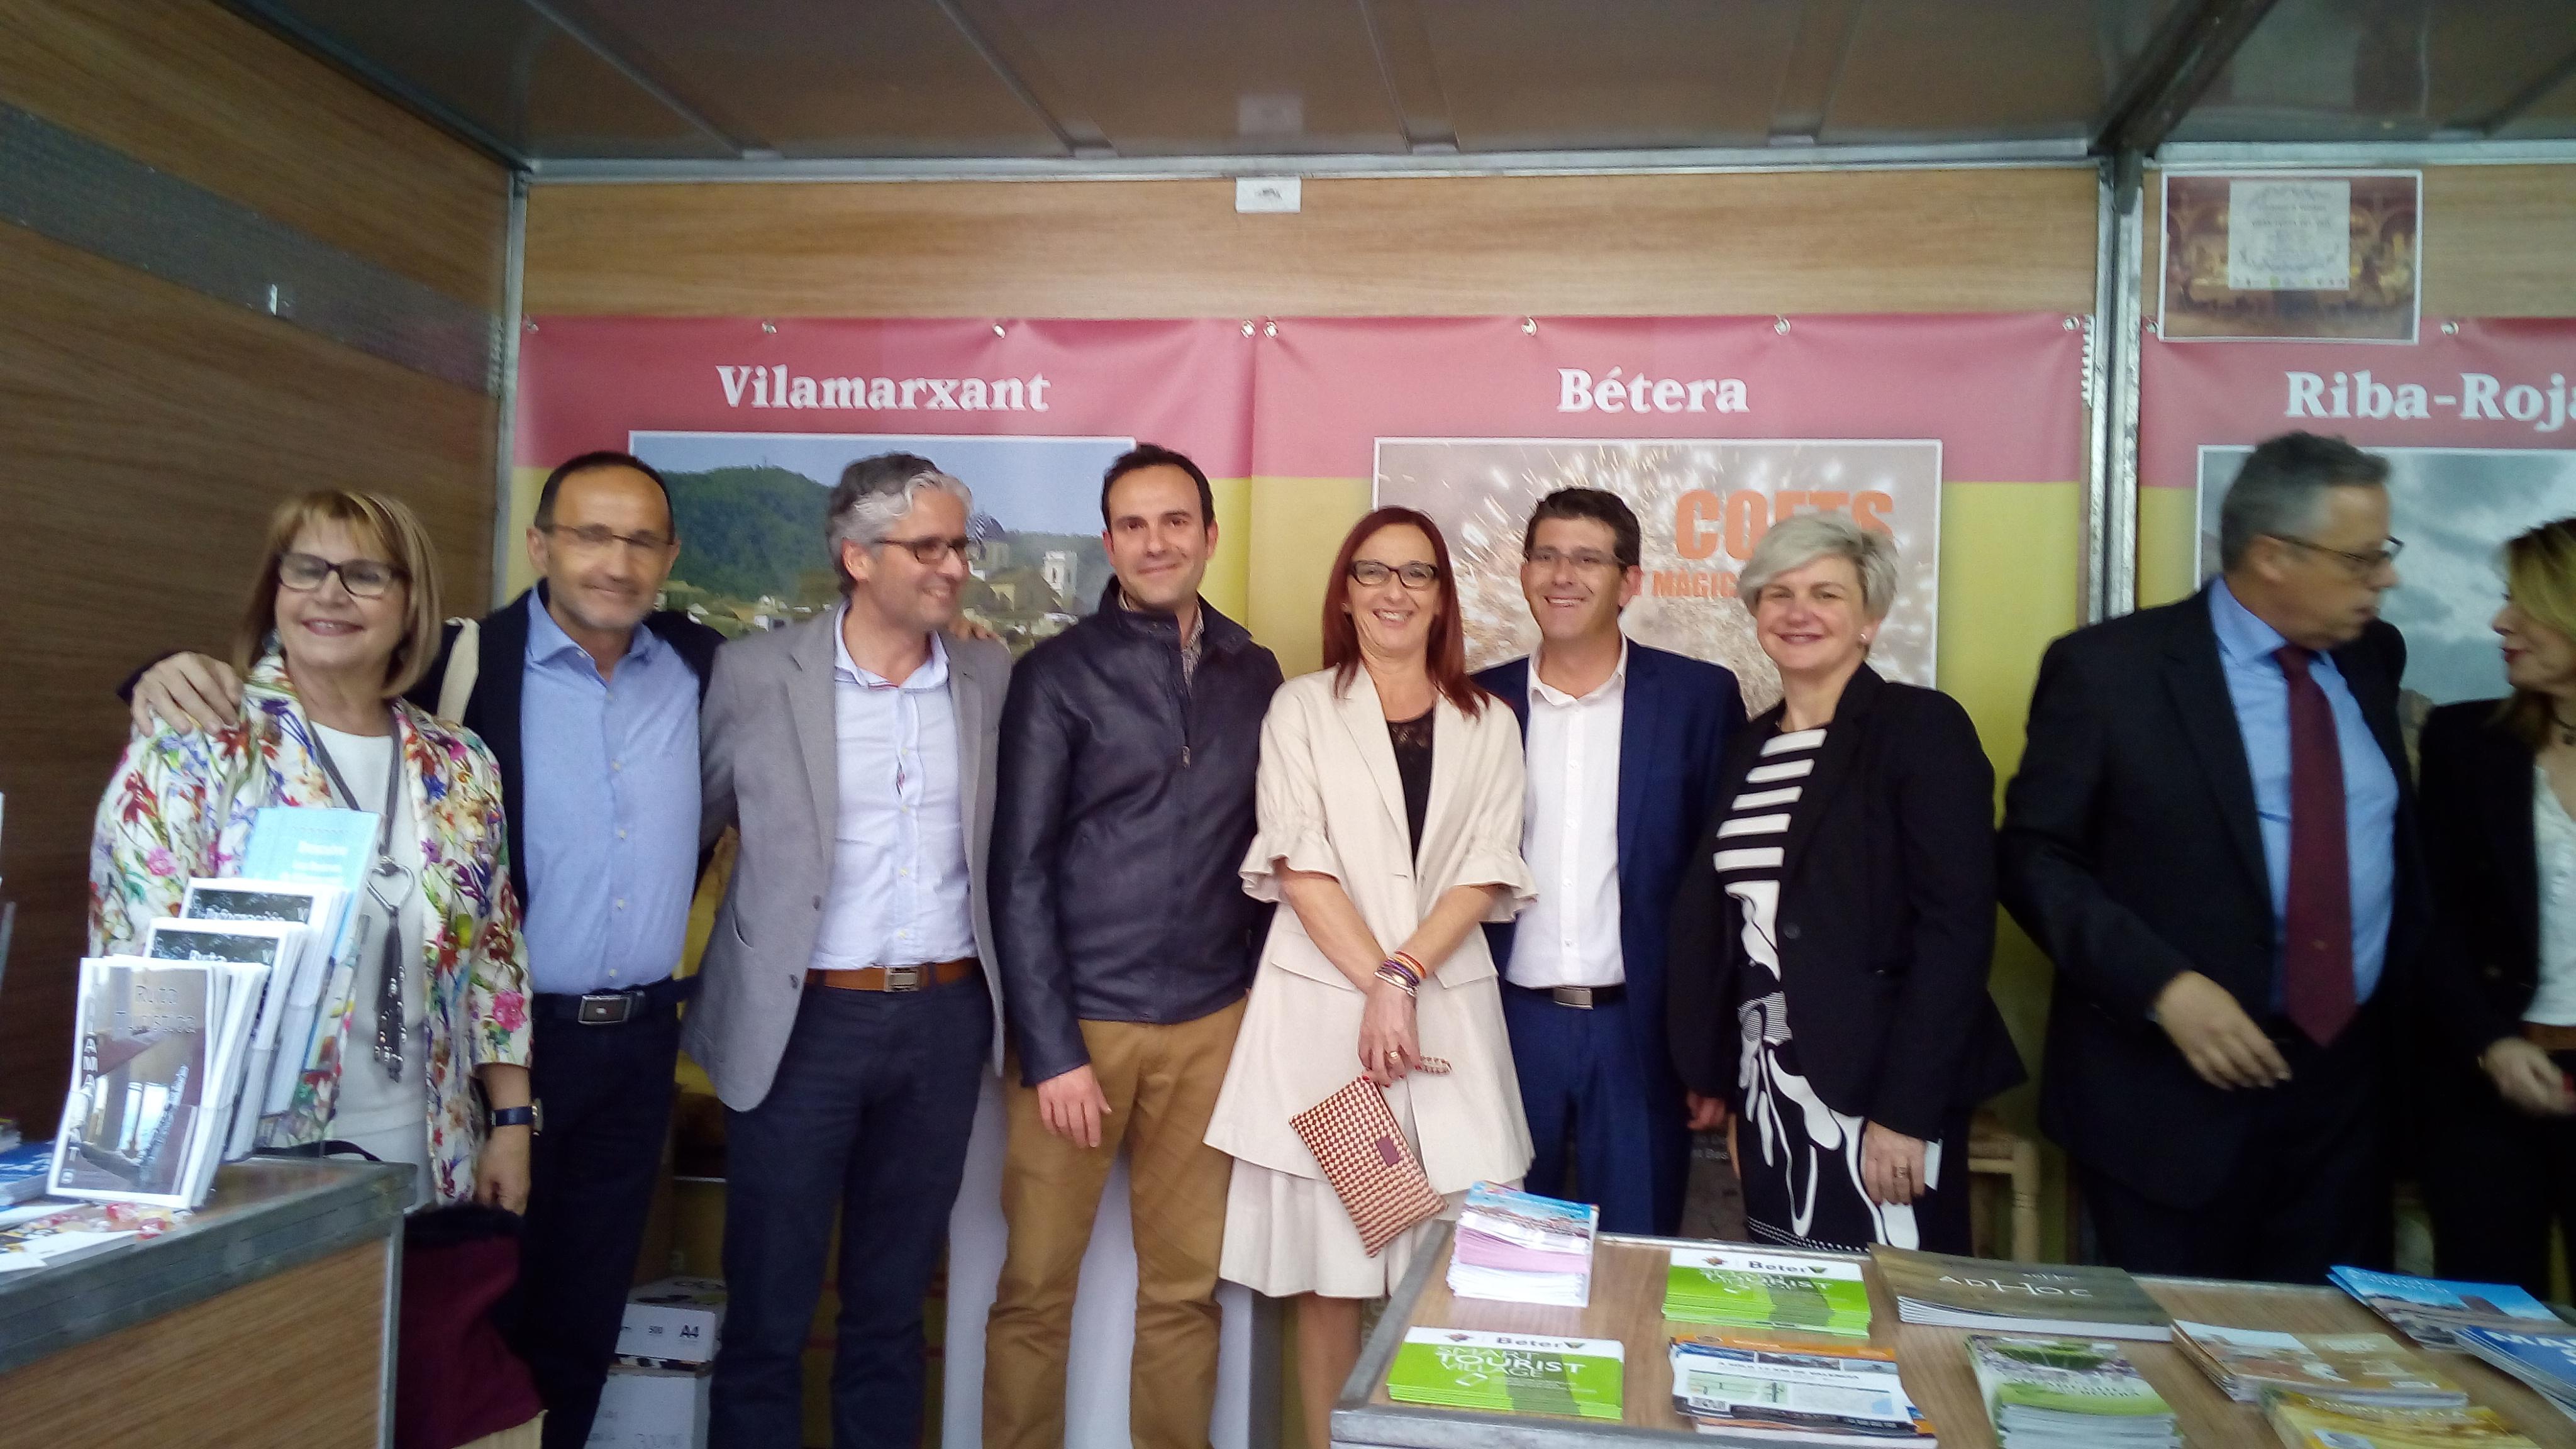 Un any mes, Vilamarxant ha estat present a la Fira de les Comarques.